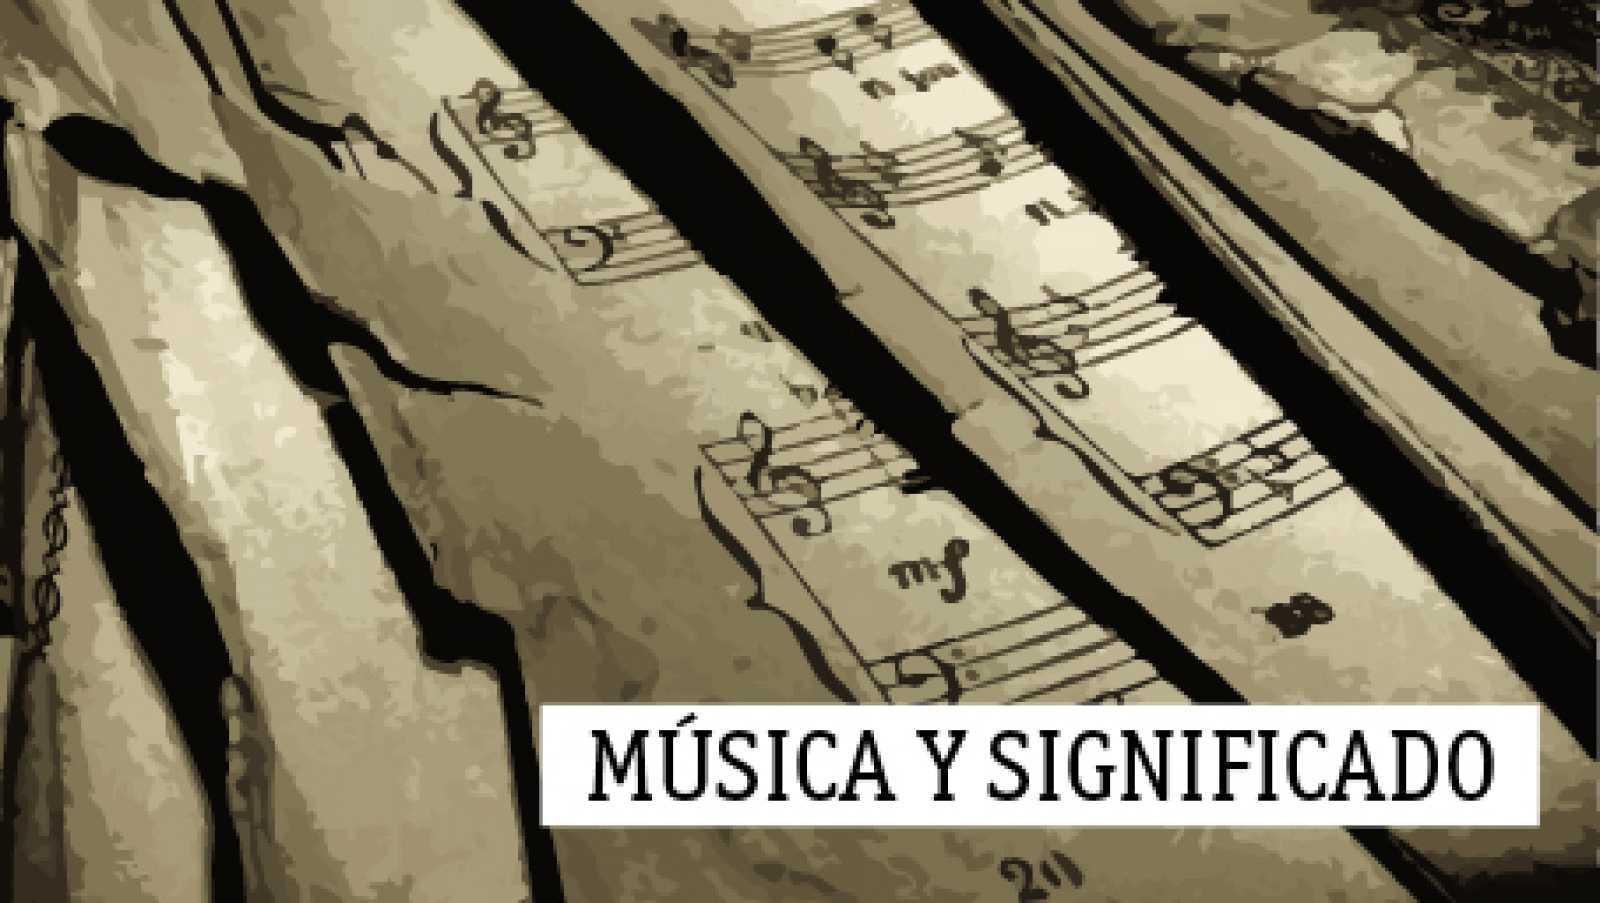 Música y significado - BEETHOVEN: La Novena (I) - 07/06/19 - escuchar ahora